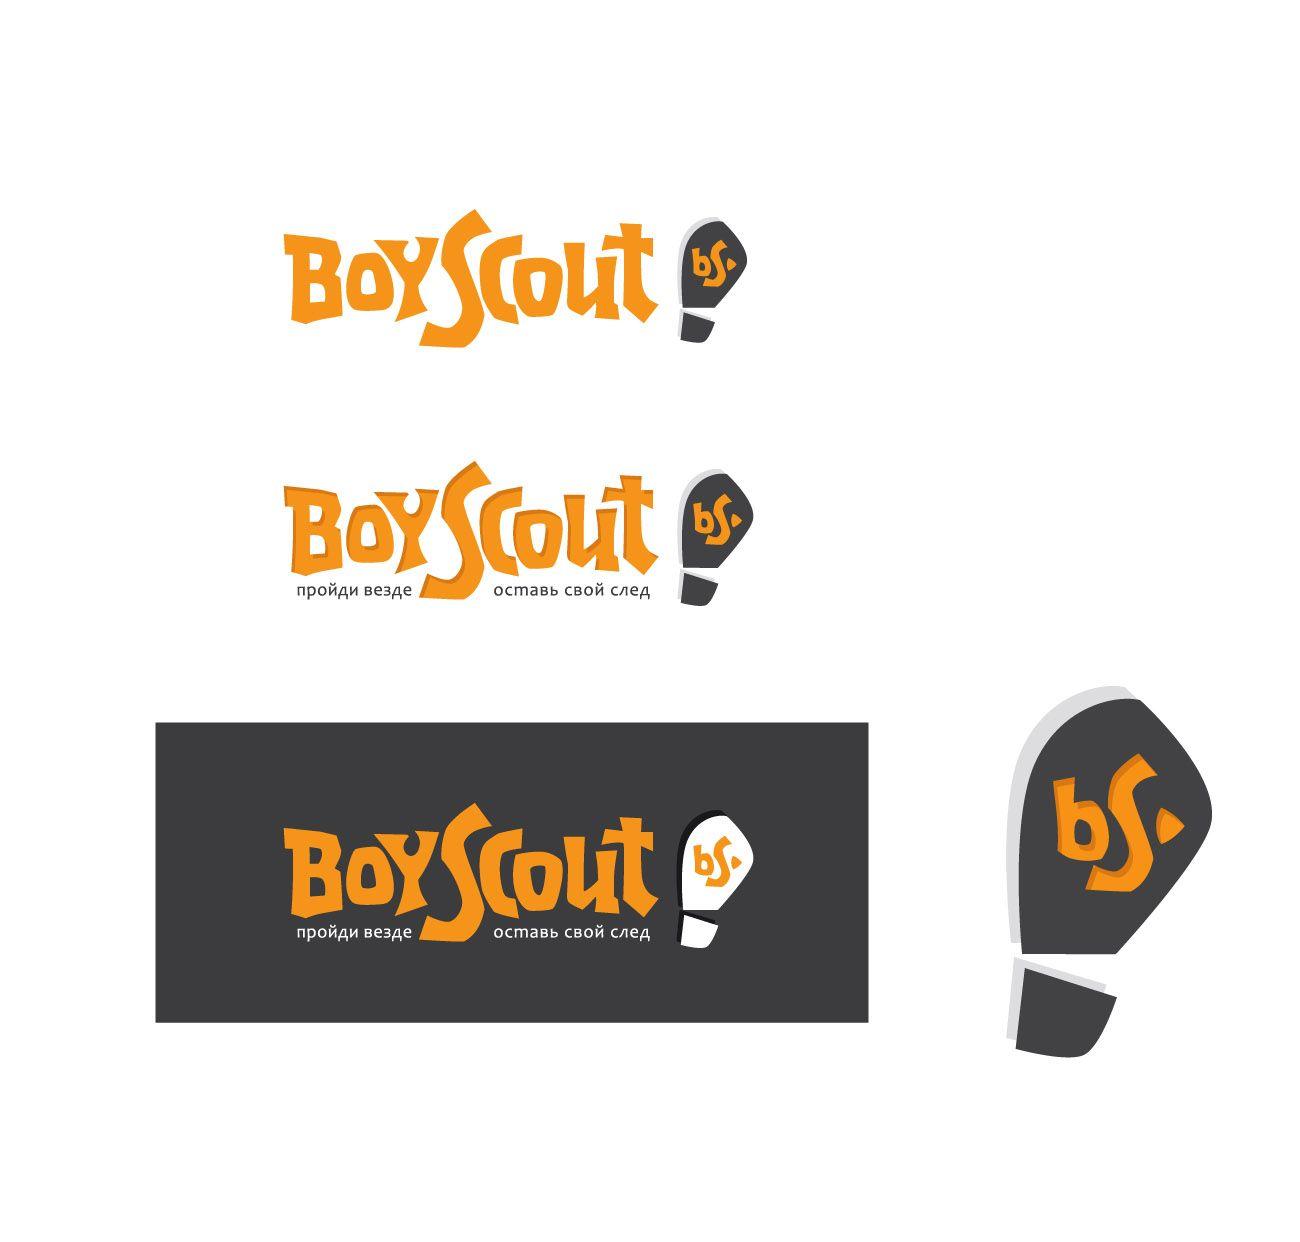 Логотип для сайта интернет-магазина BOY SCOUT - дизайнер gigavad